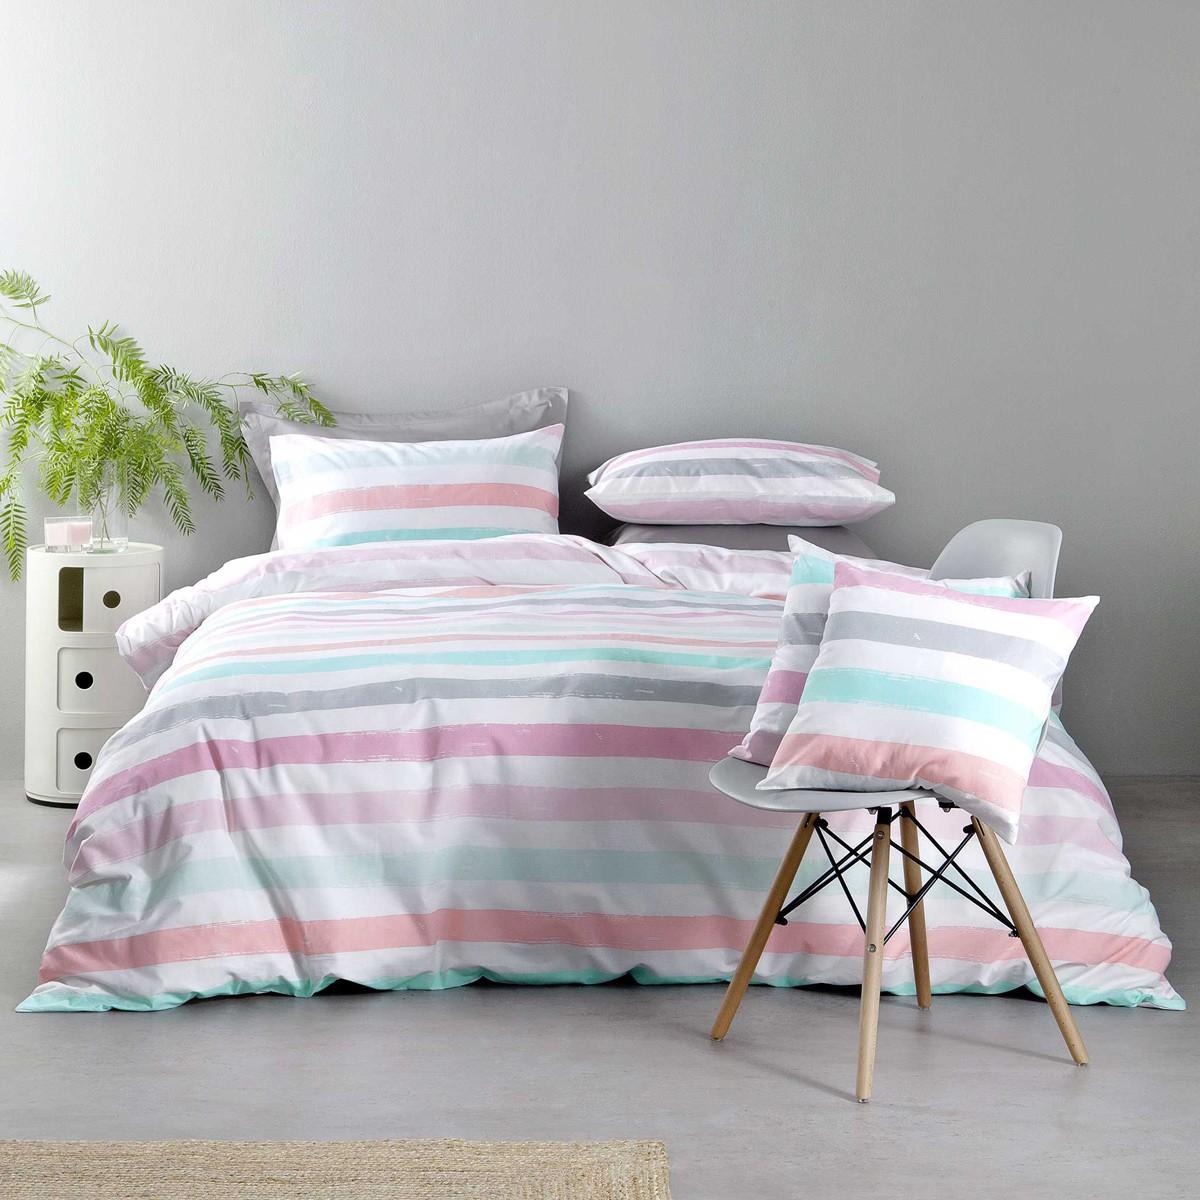 Κουβερλί Υπέρδιπλο Nima Bed Linen Cantieri Pink